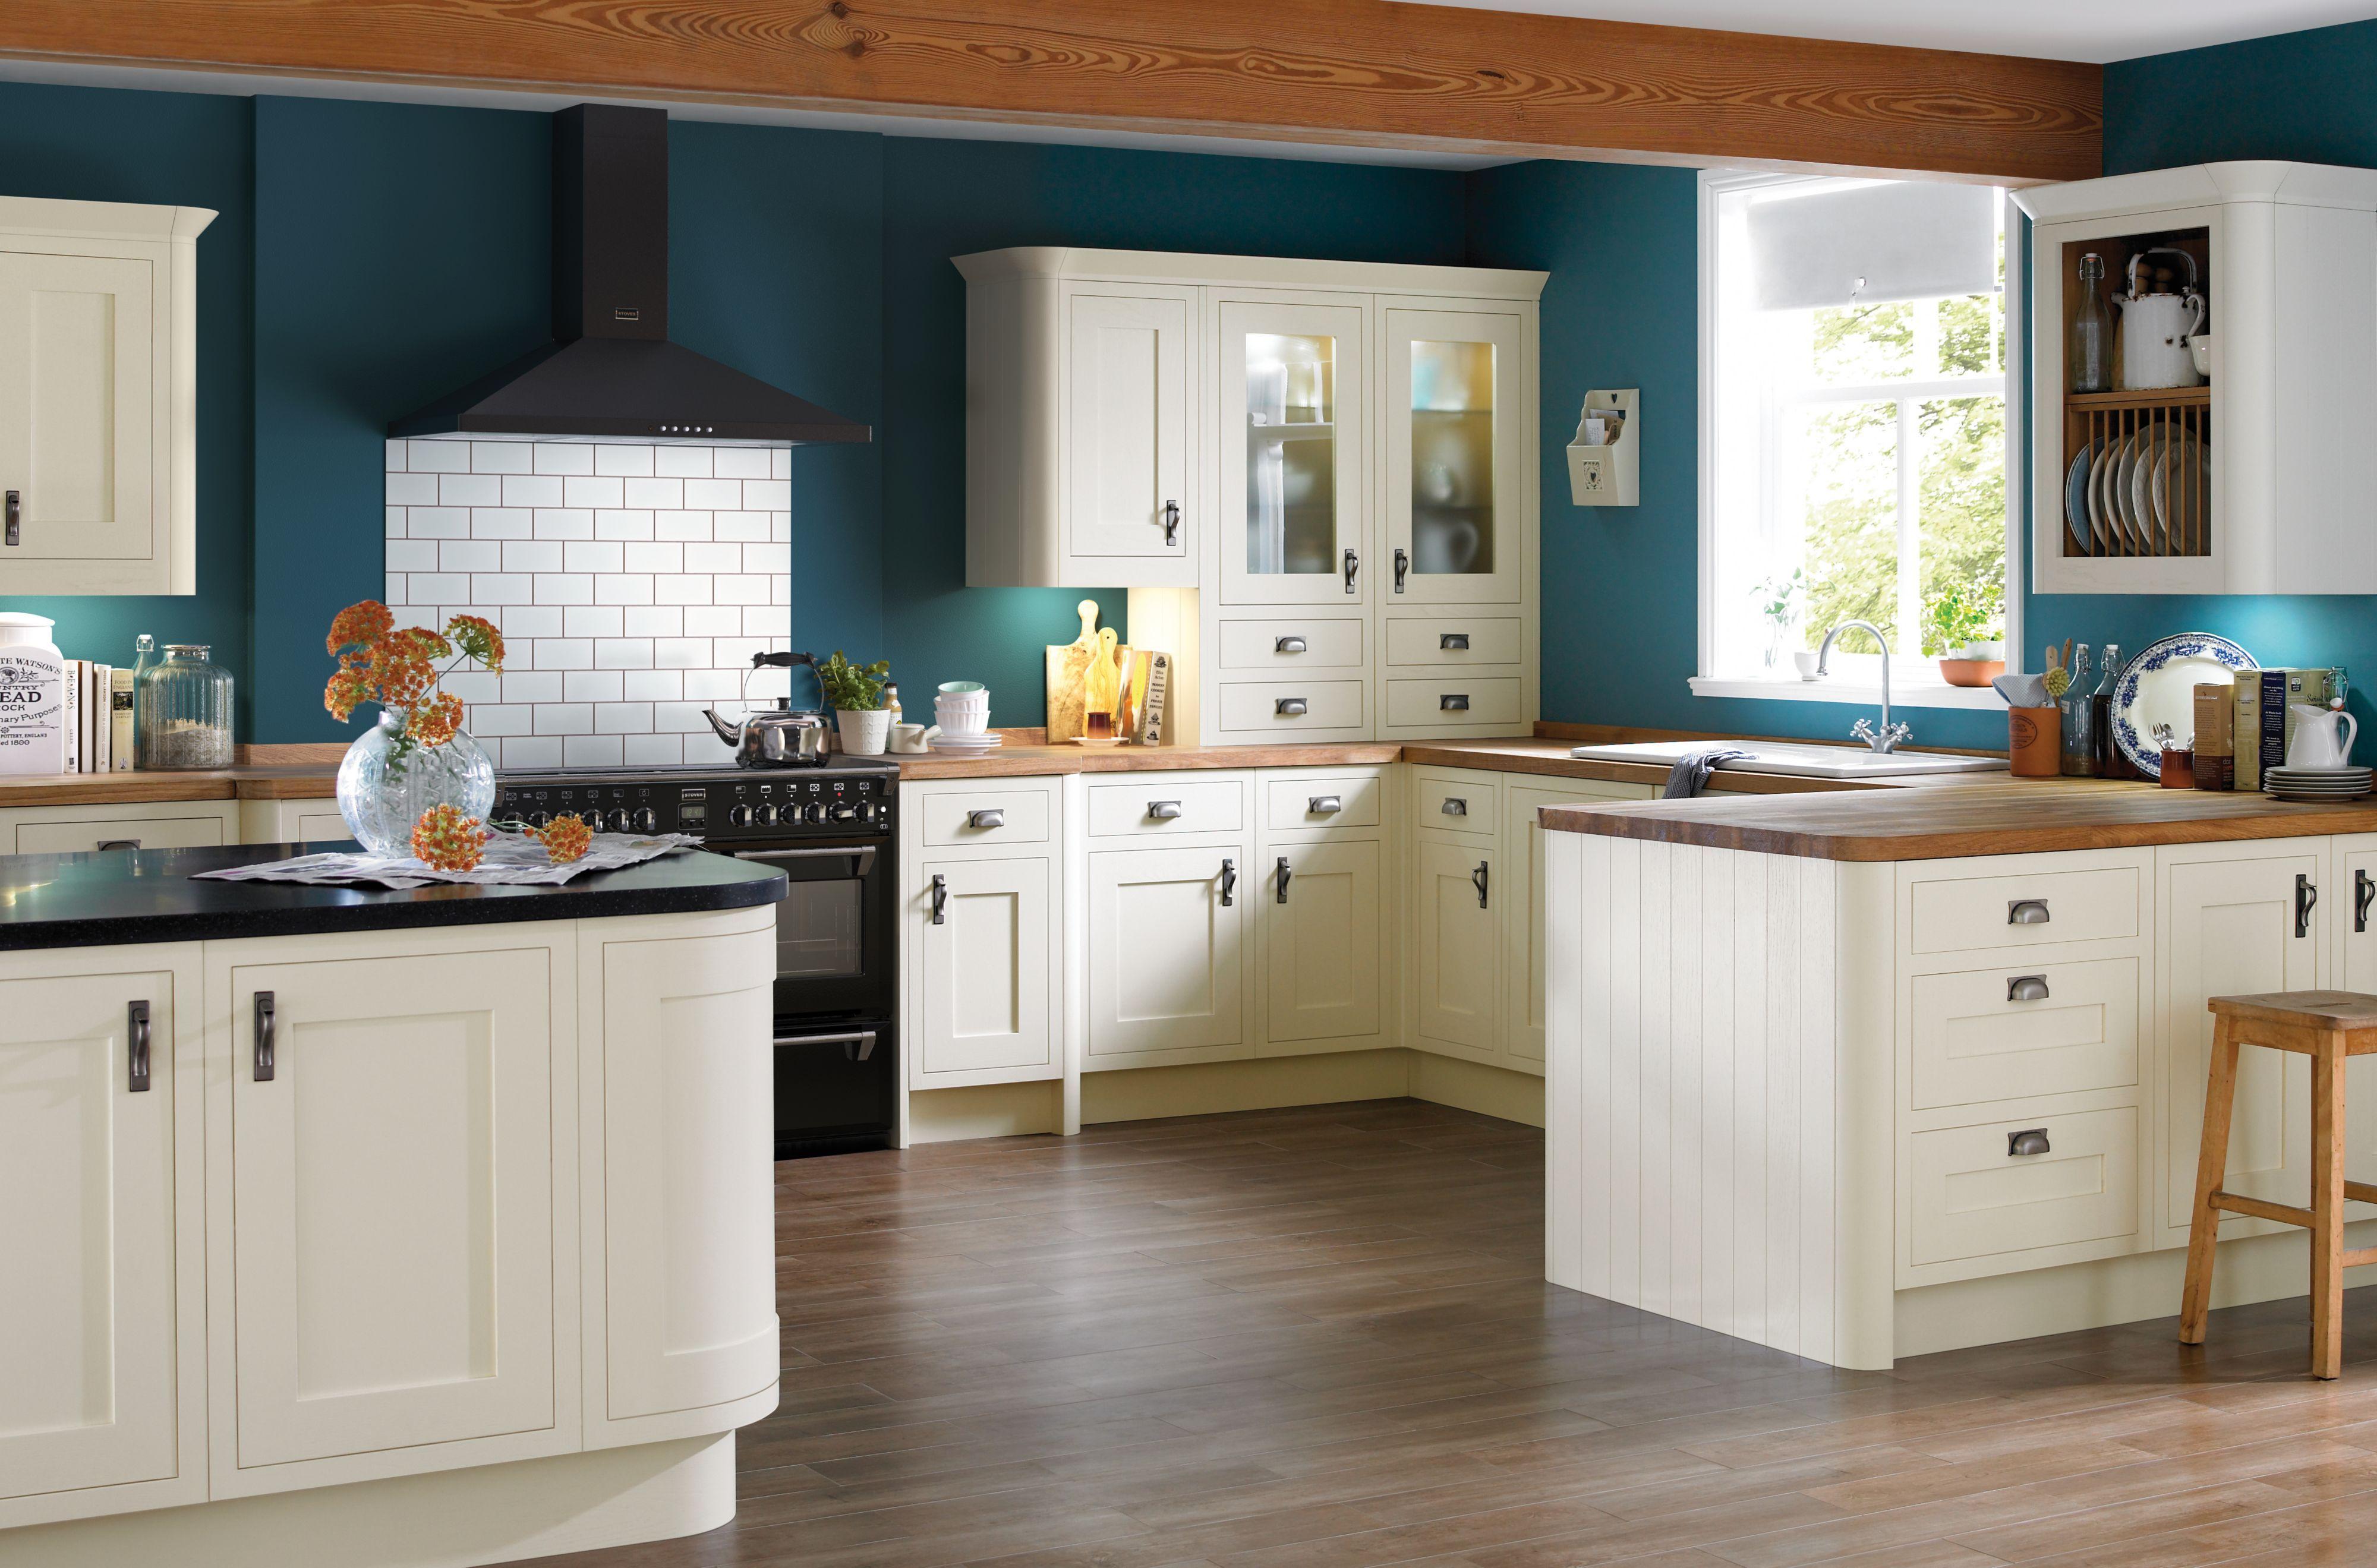 Floor mats b q - Bq Kitchen Cupboard Doors